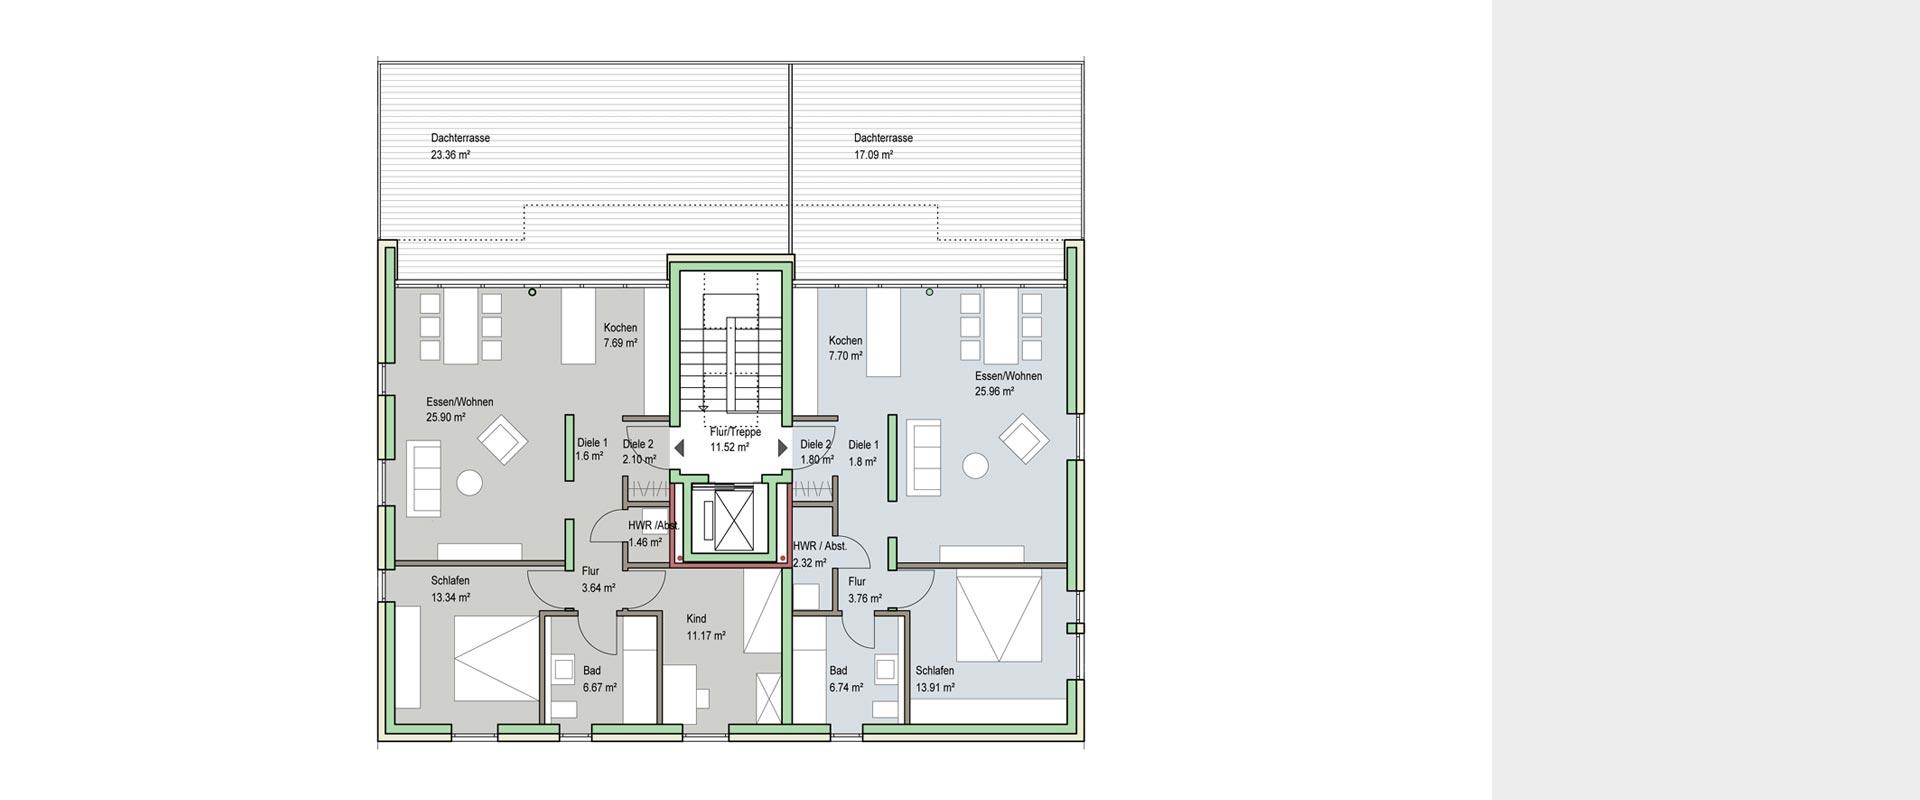 Architekturbüro Musahl Waldshut Wohnanlage Neunschwanz in Kadelburg DG